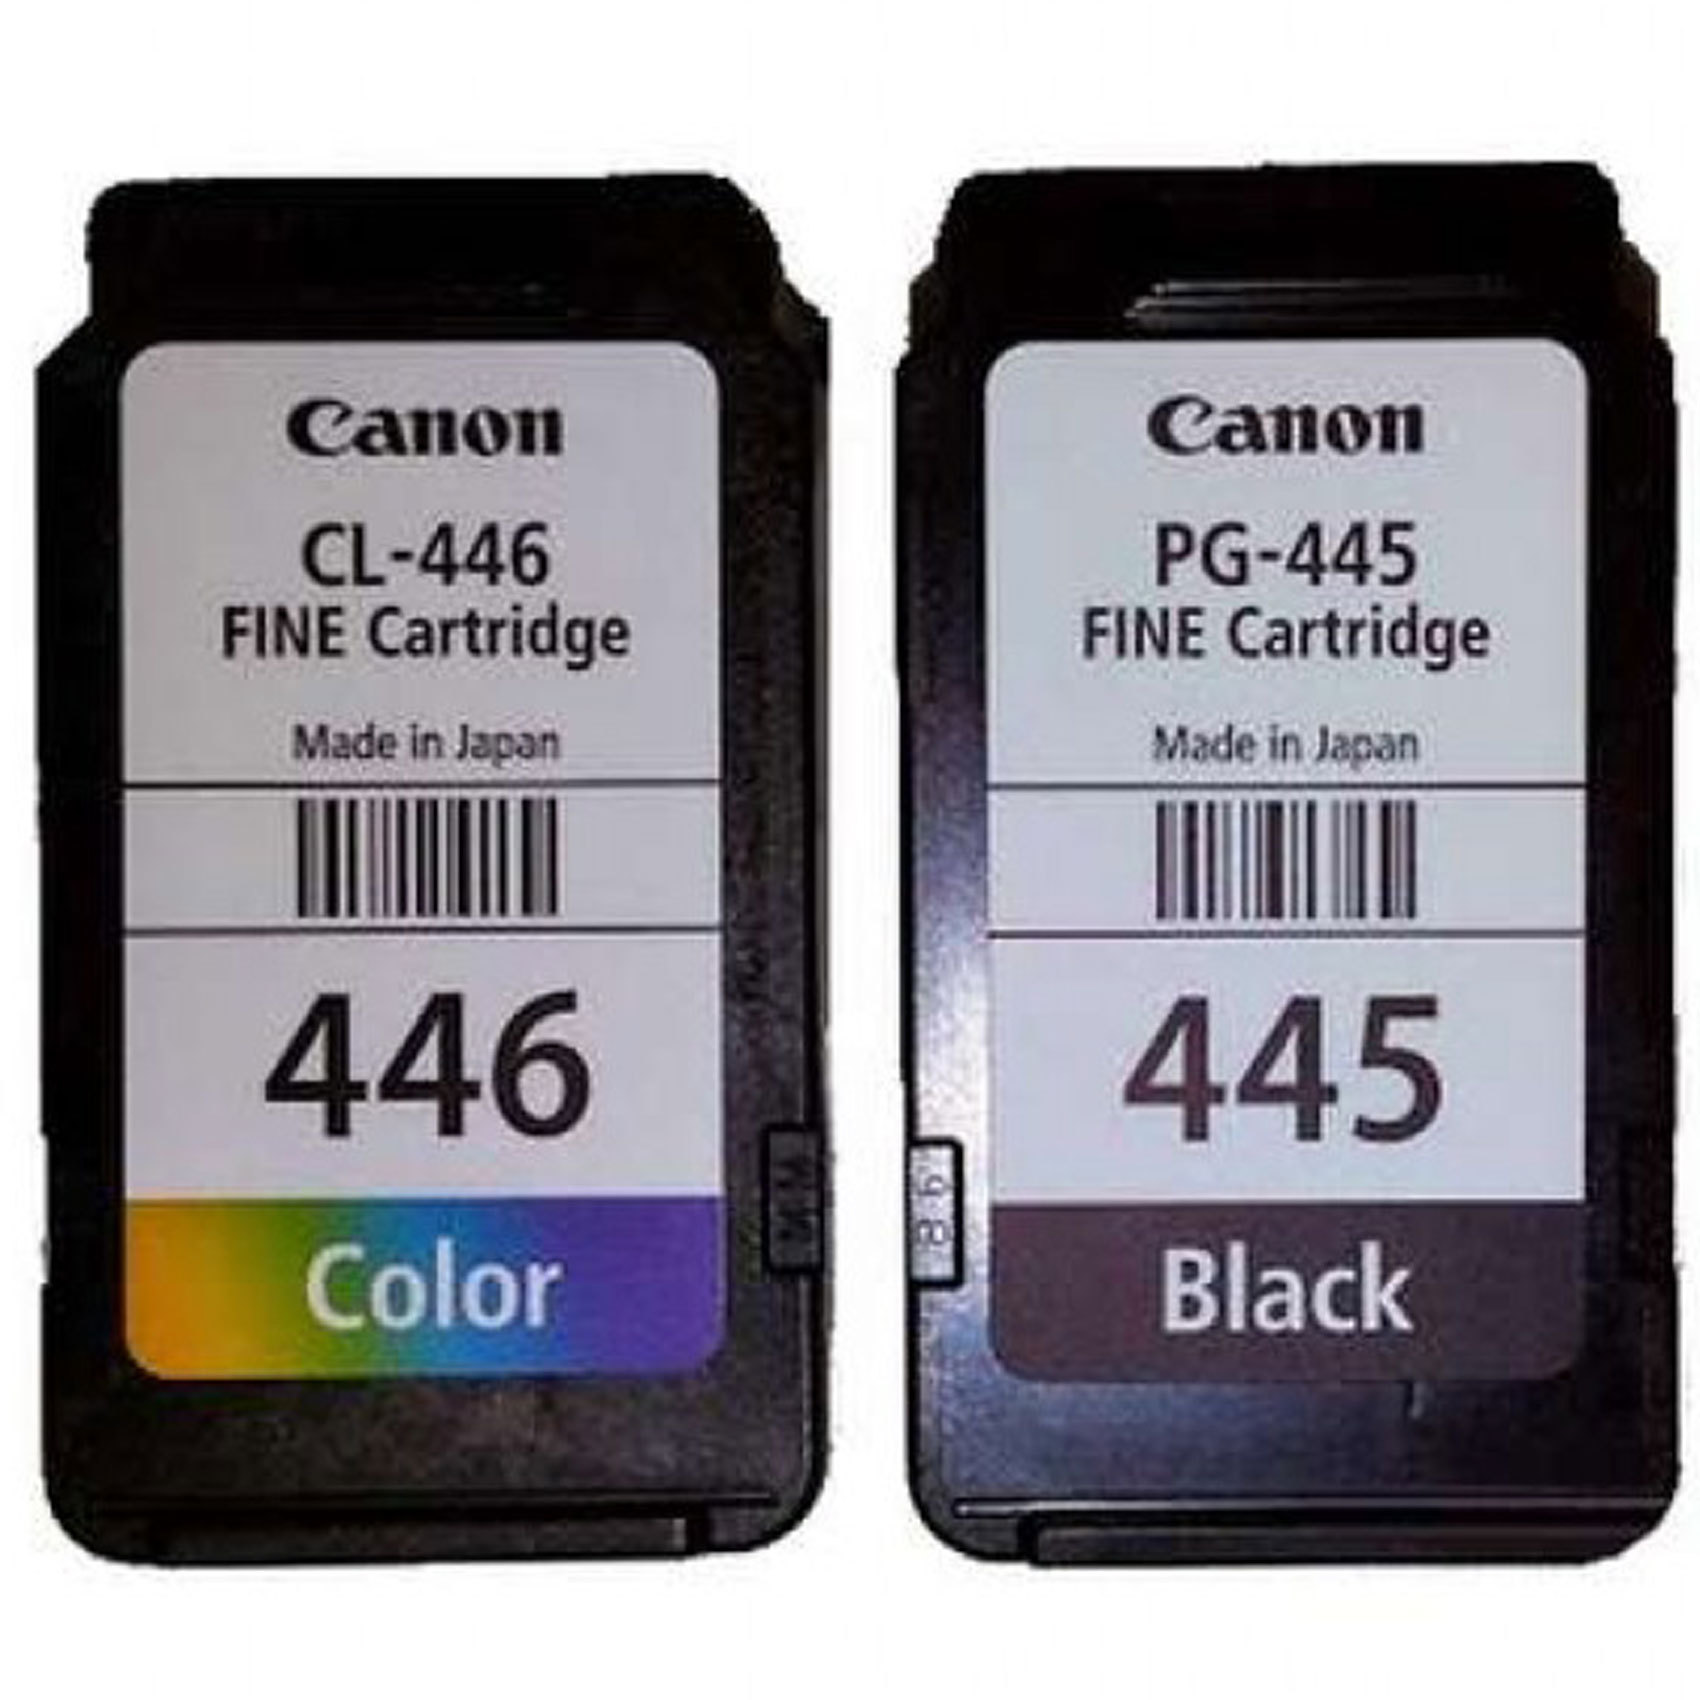 CANON CART PG445 BK&CL446 CLR